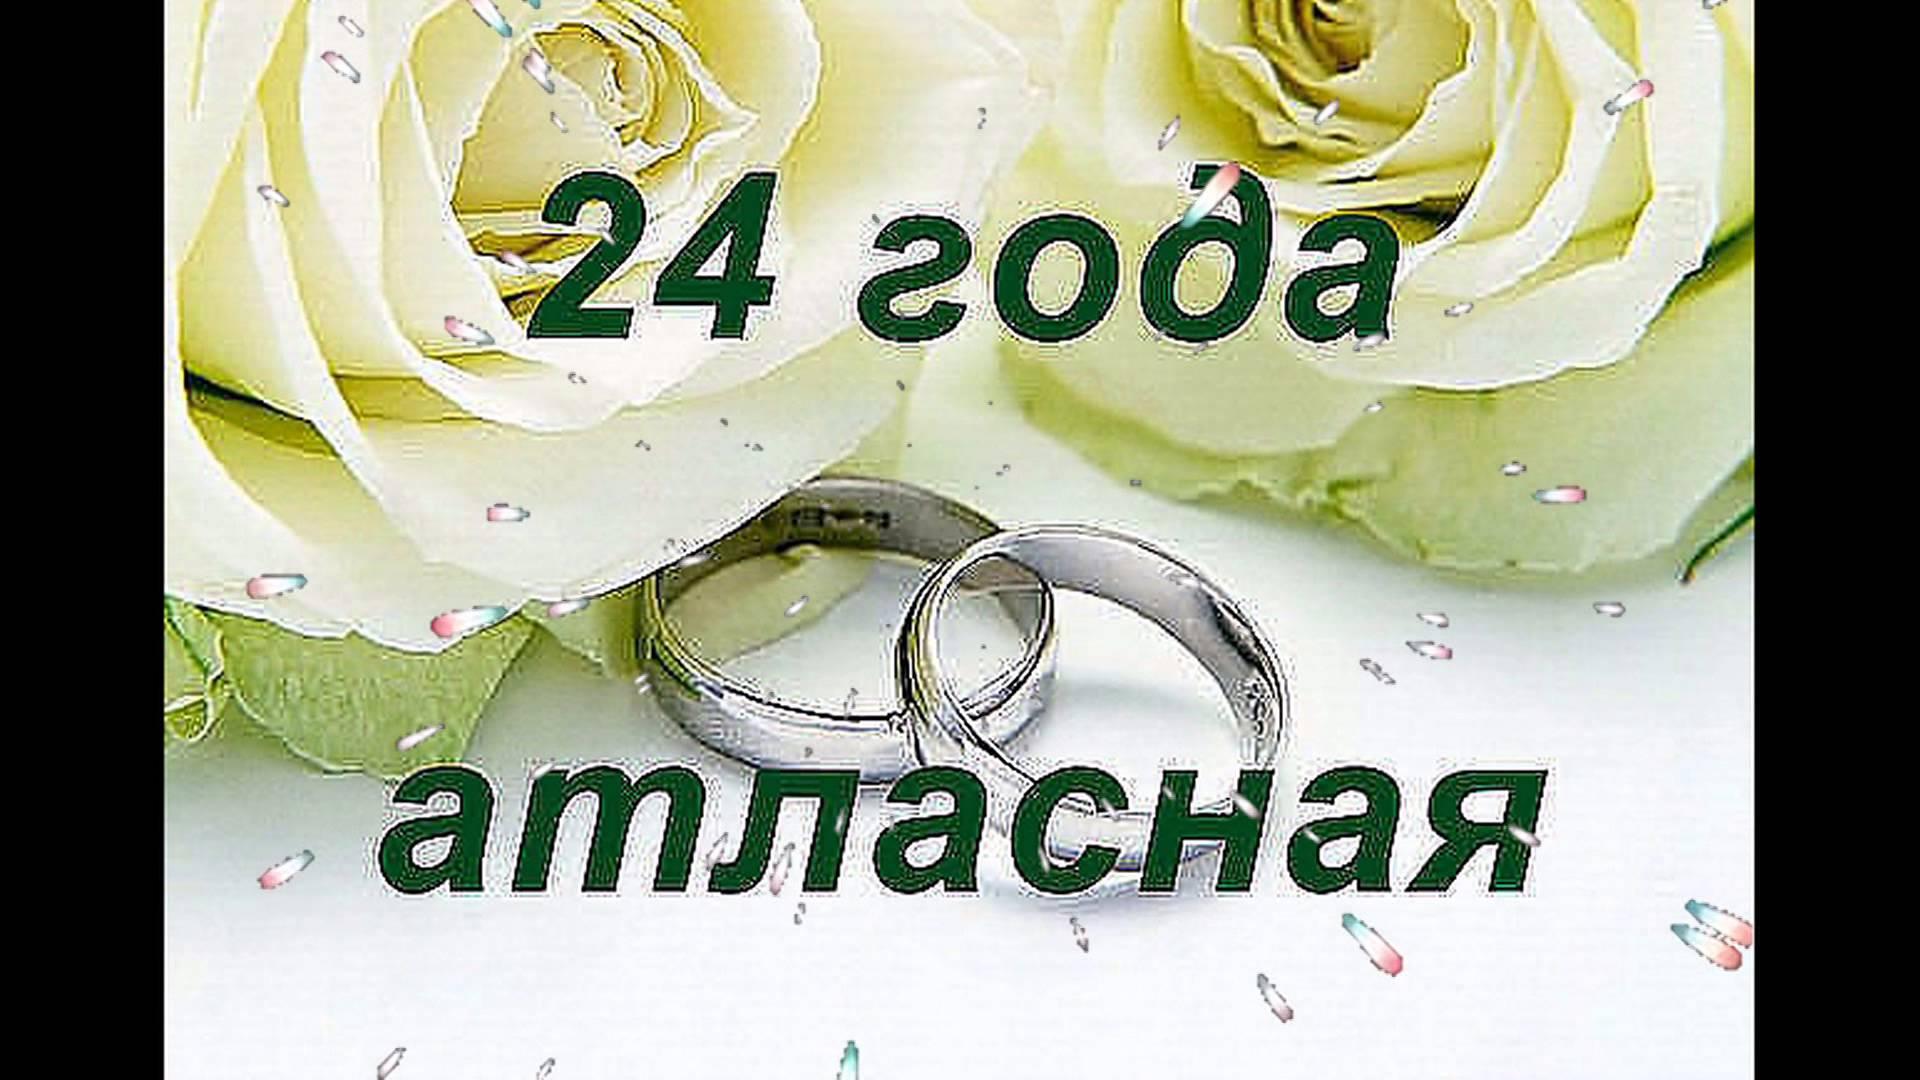 24 года совместной жизни поздравления прикольные супруге